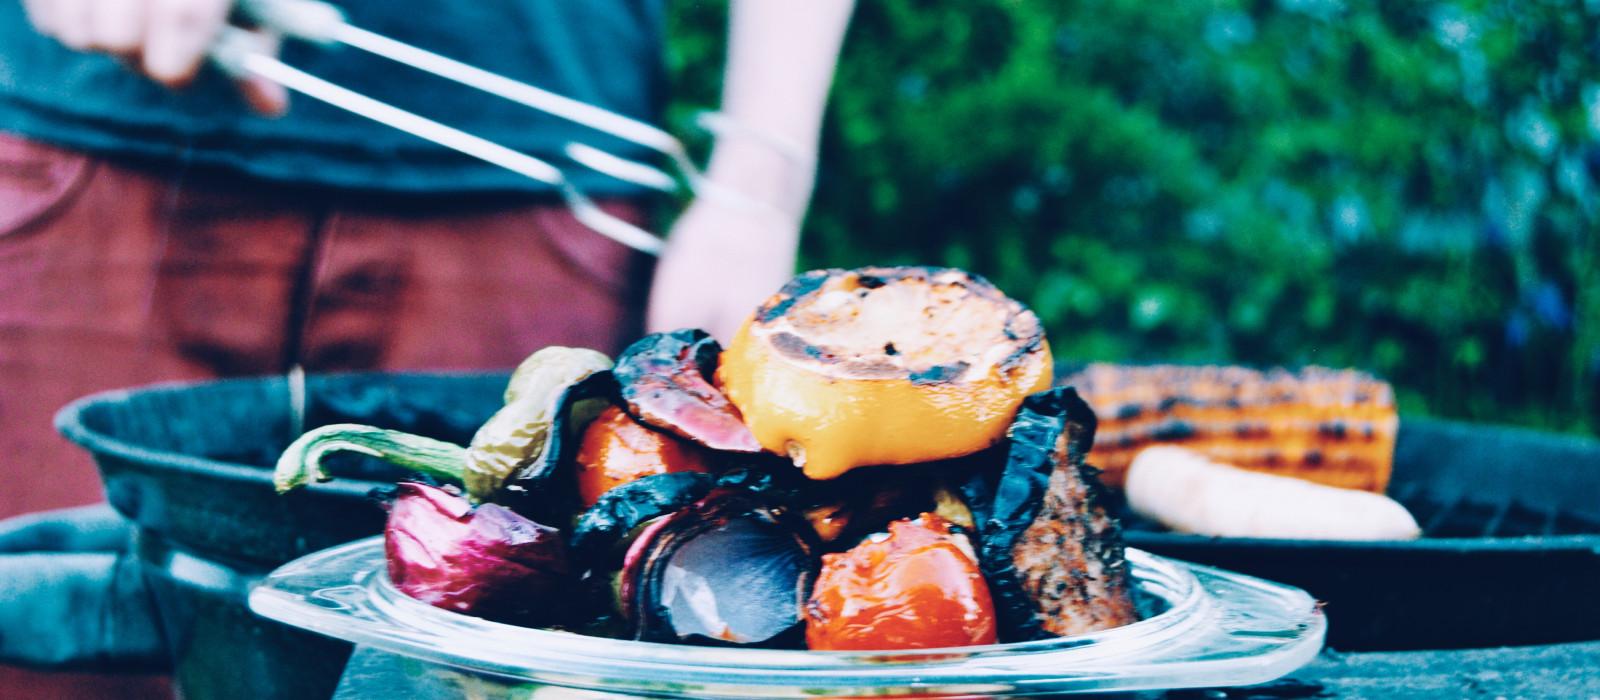 Ce qu'on adore manger l'été !